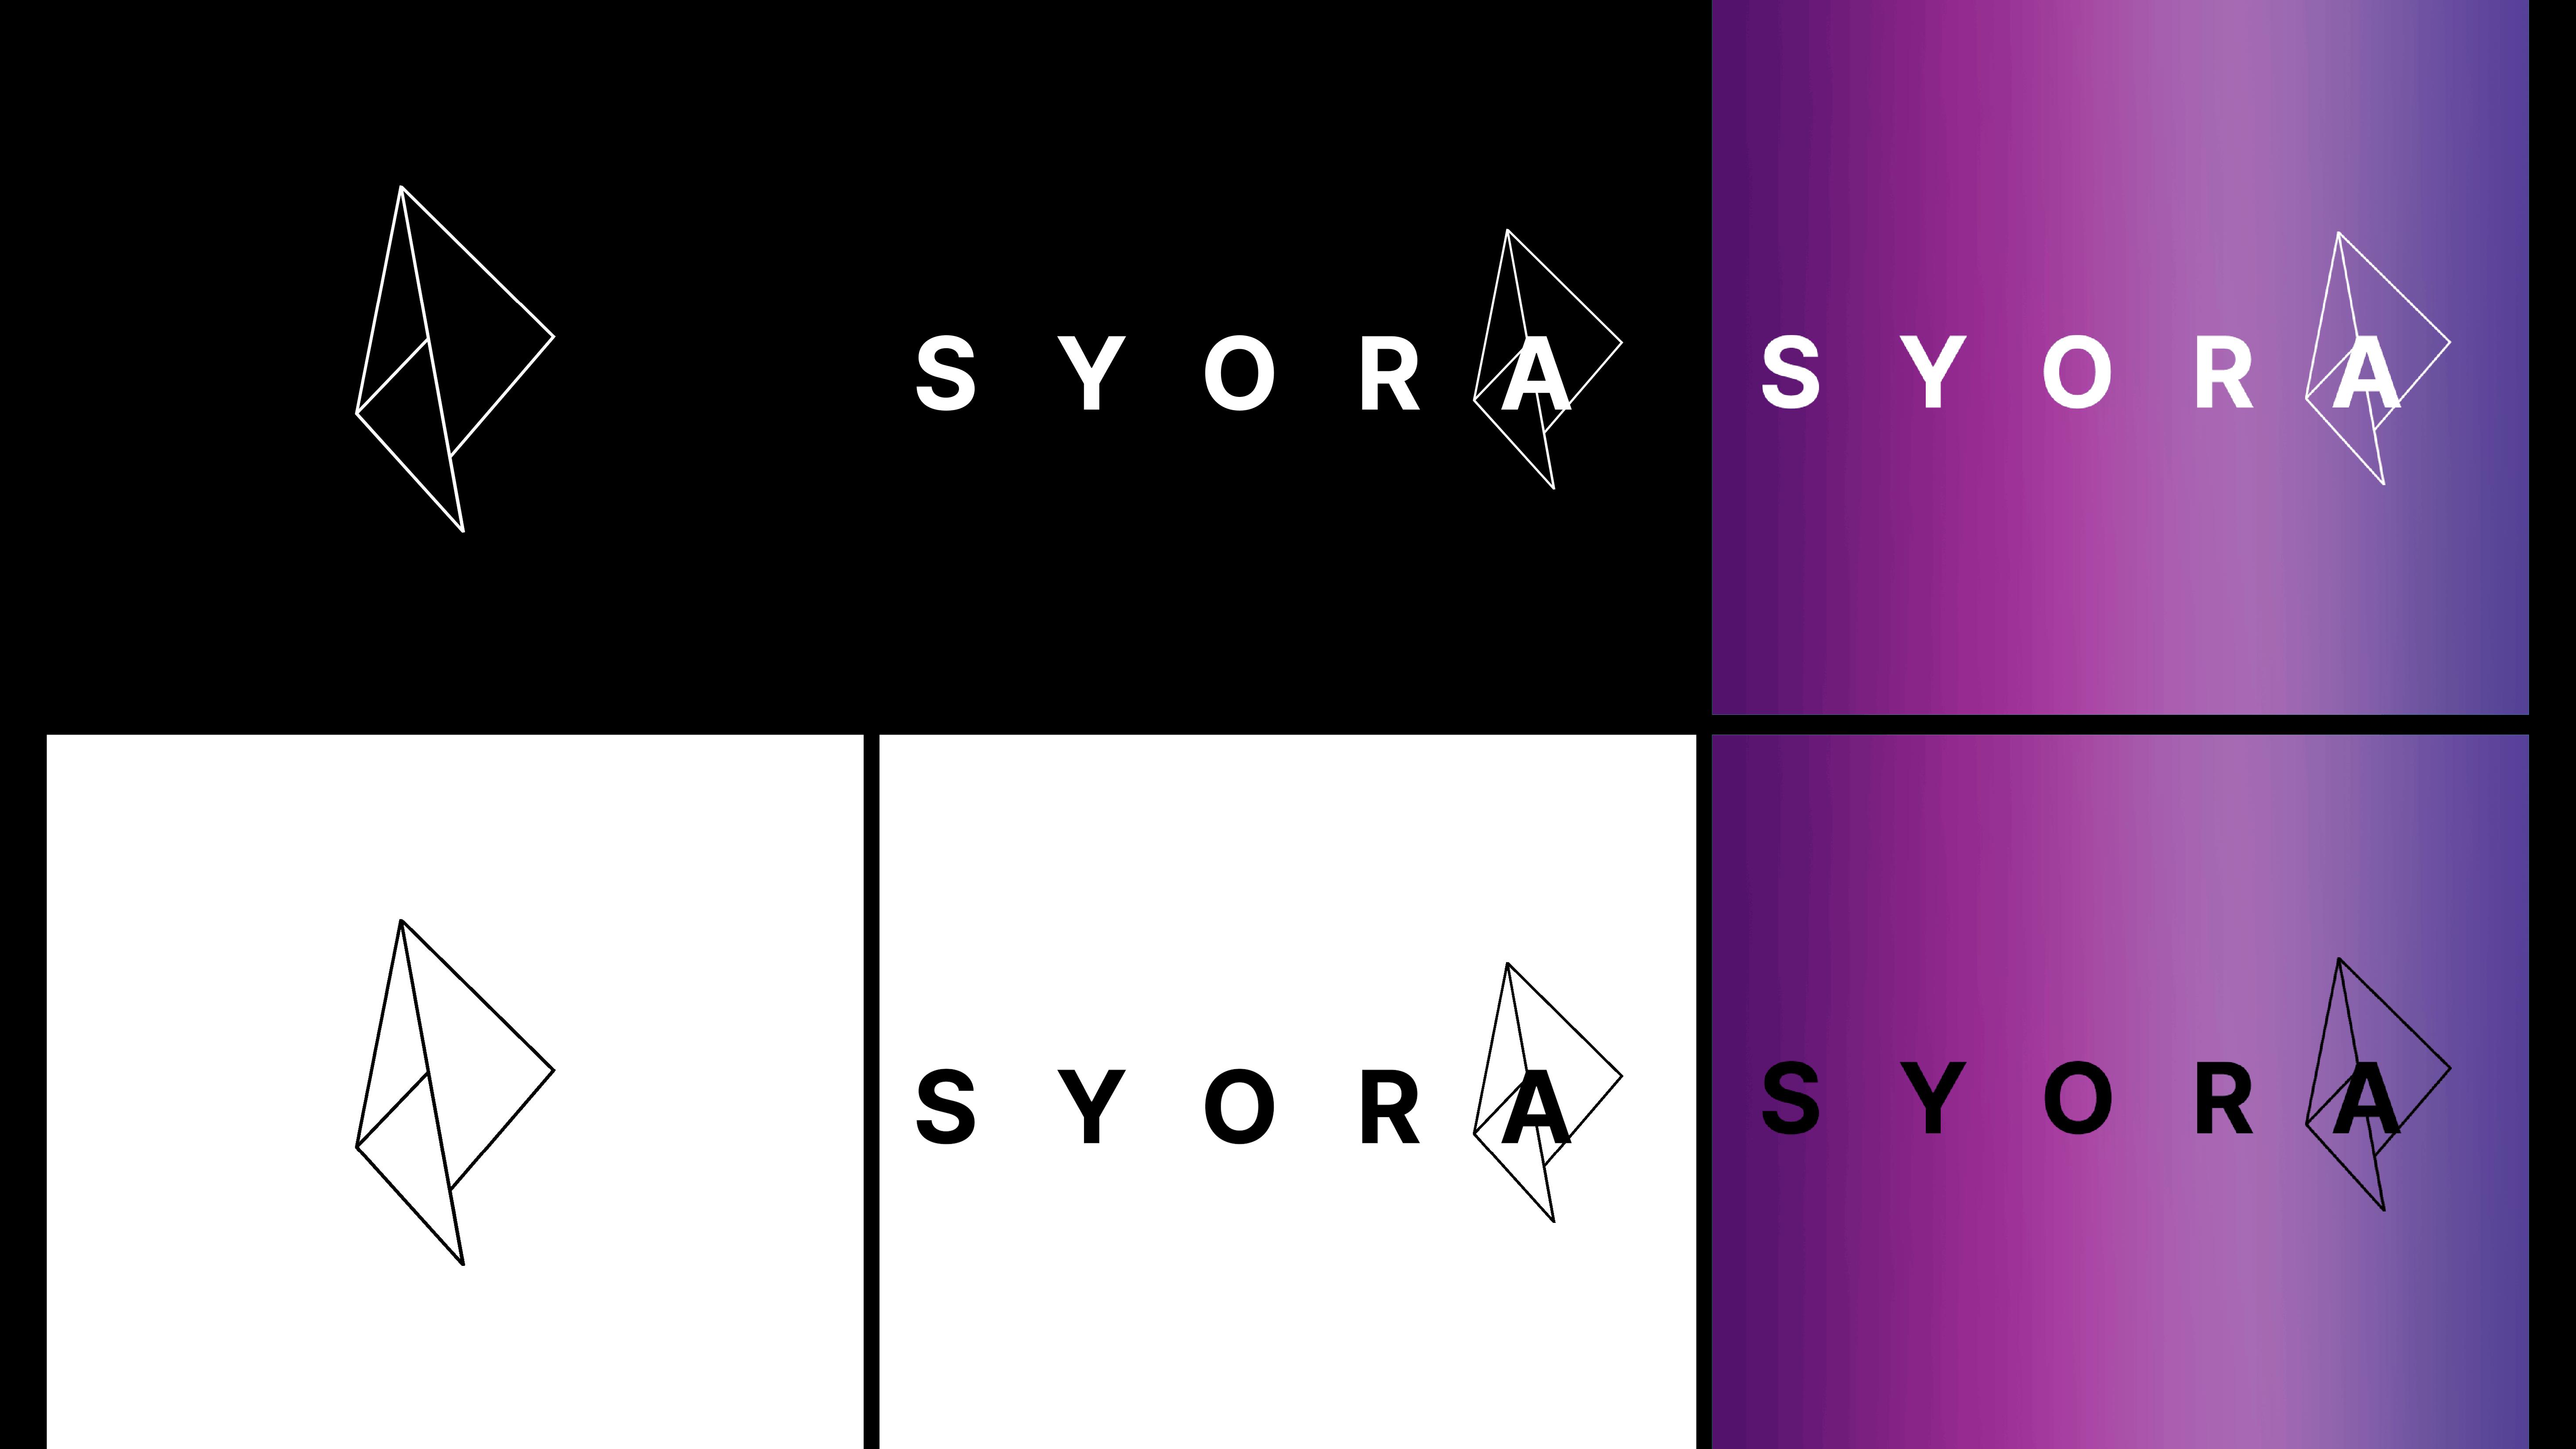 SYORA prägnante Logo Gestaltung